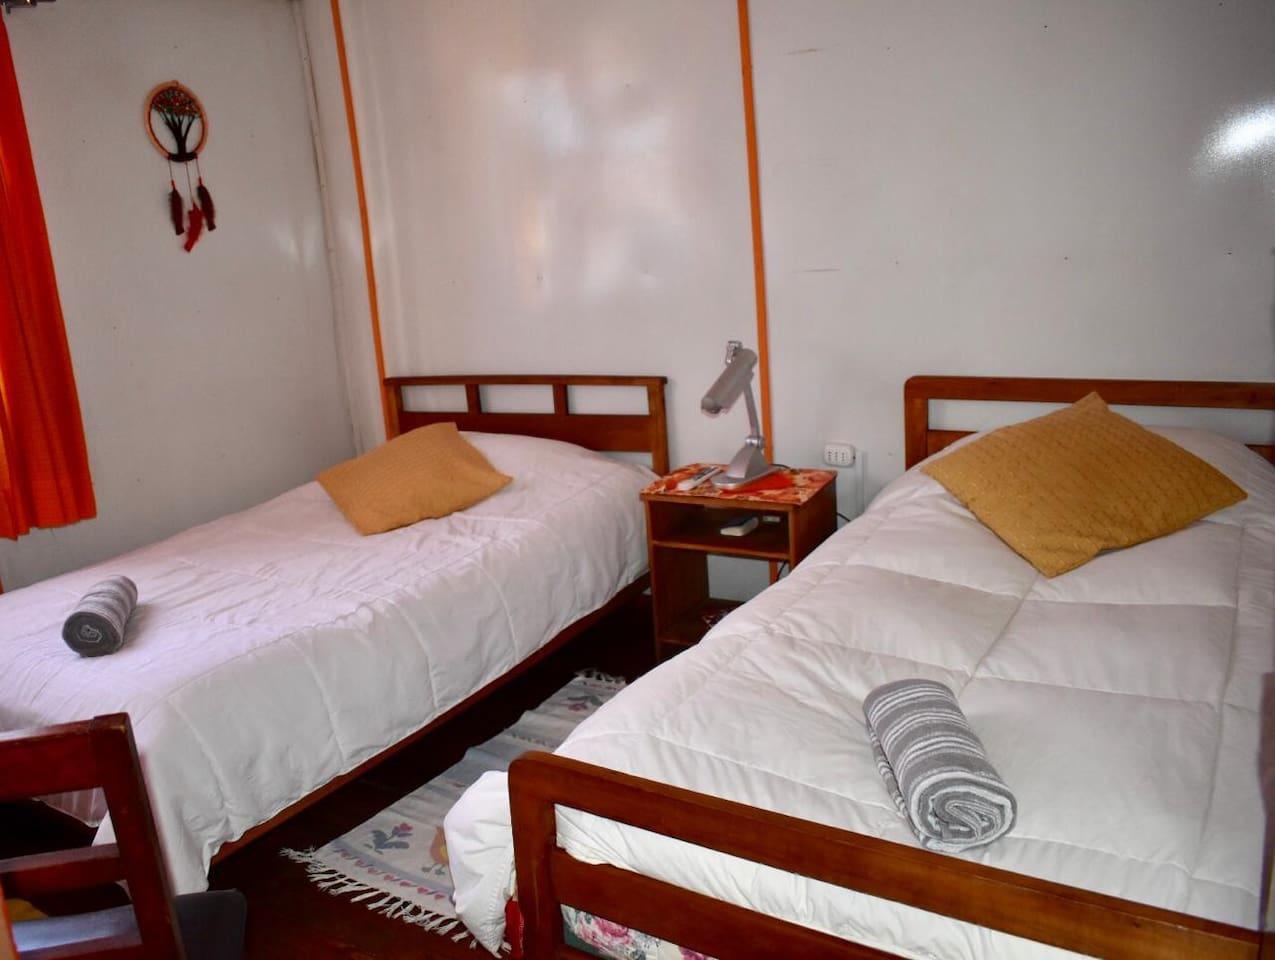 Habitación 2 pasajeros en camas individuales. Baño compartido. Incluye: Desayuno, wifi y tv cable.